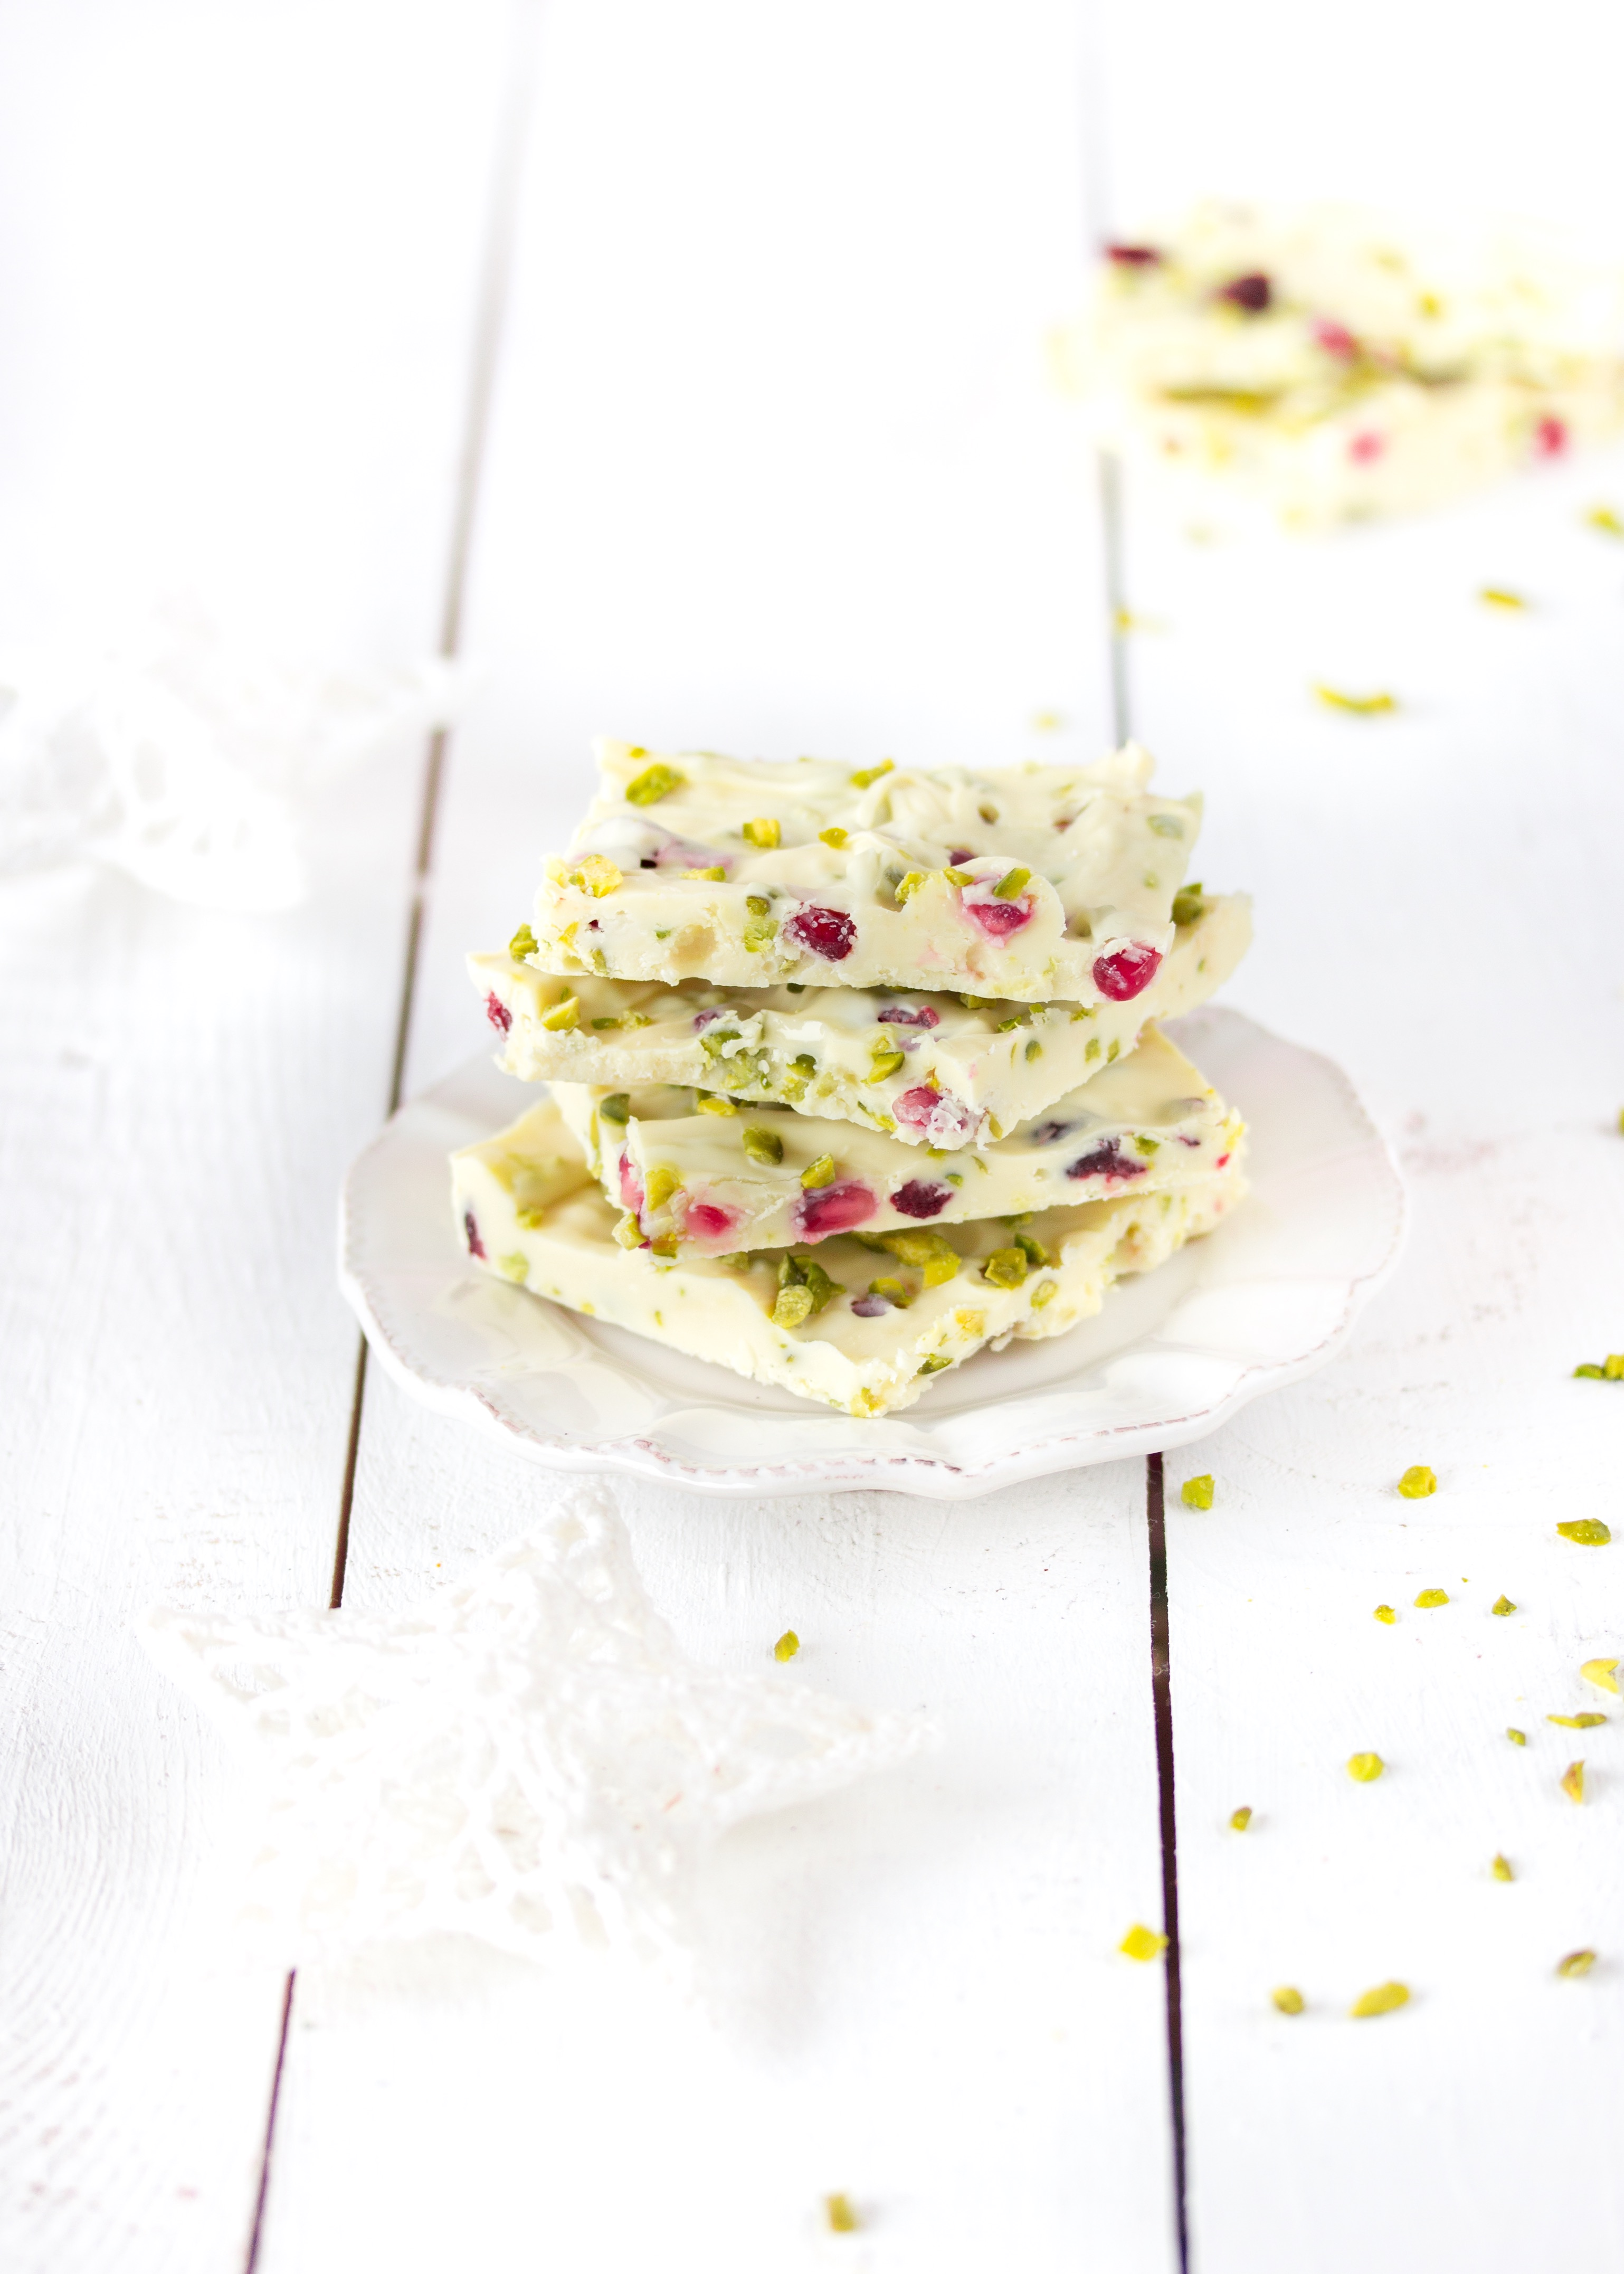 Weiße Schokolade mit Pistazien und Granatapfelkernen